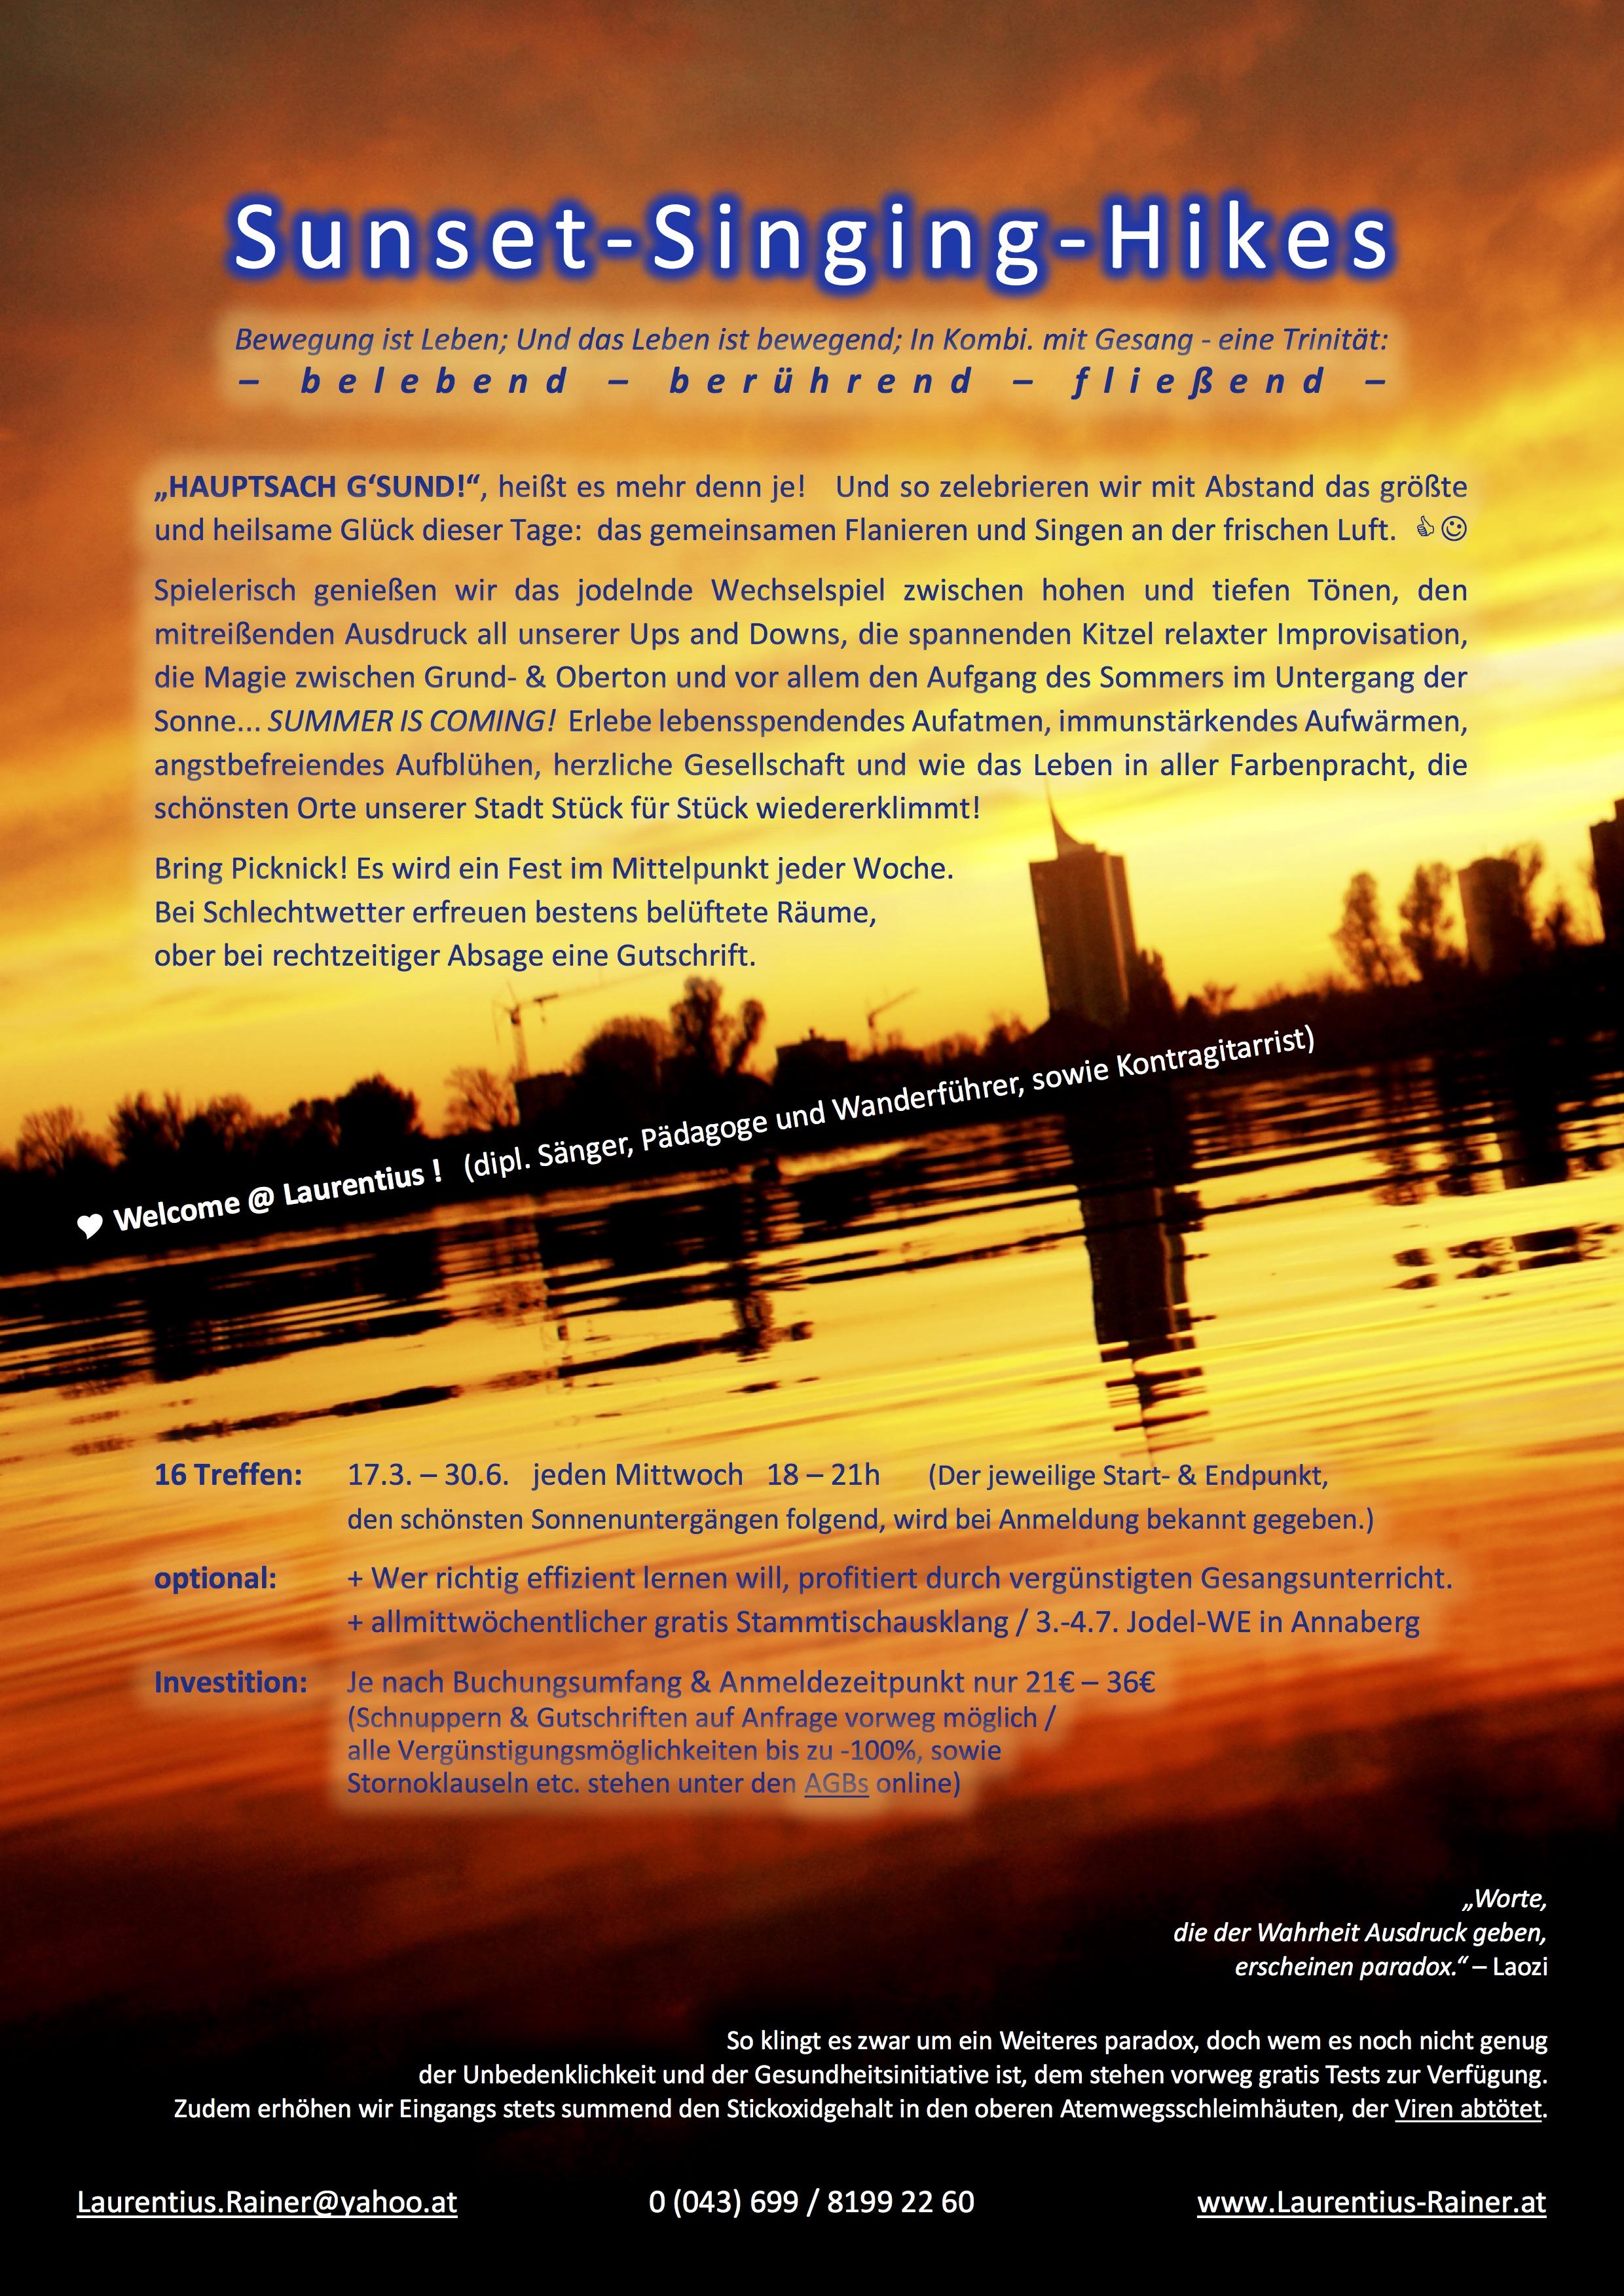 Gesangskurs Sunset-Singing-Hikes 2021